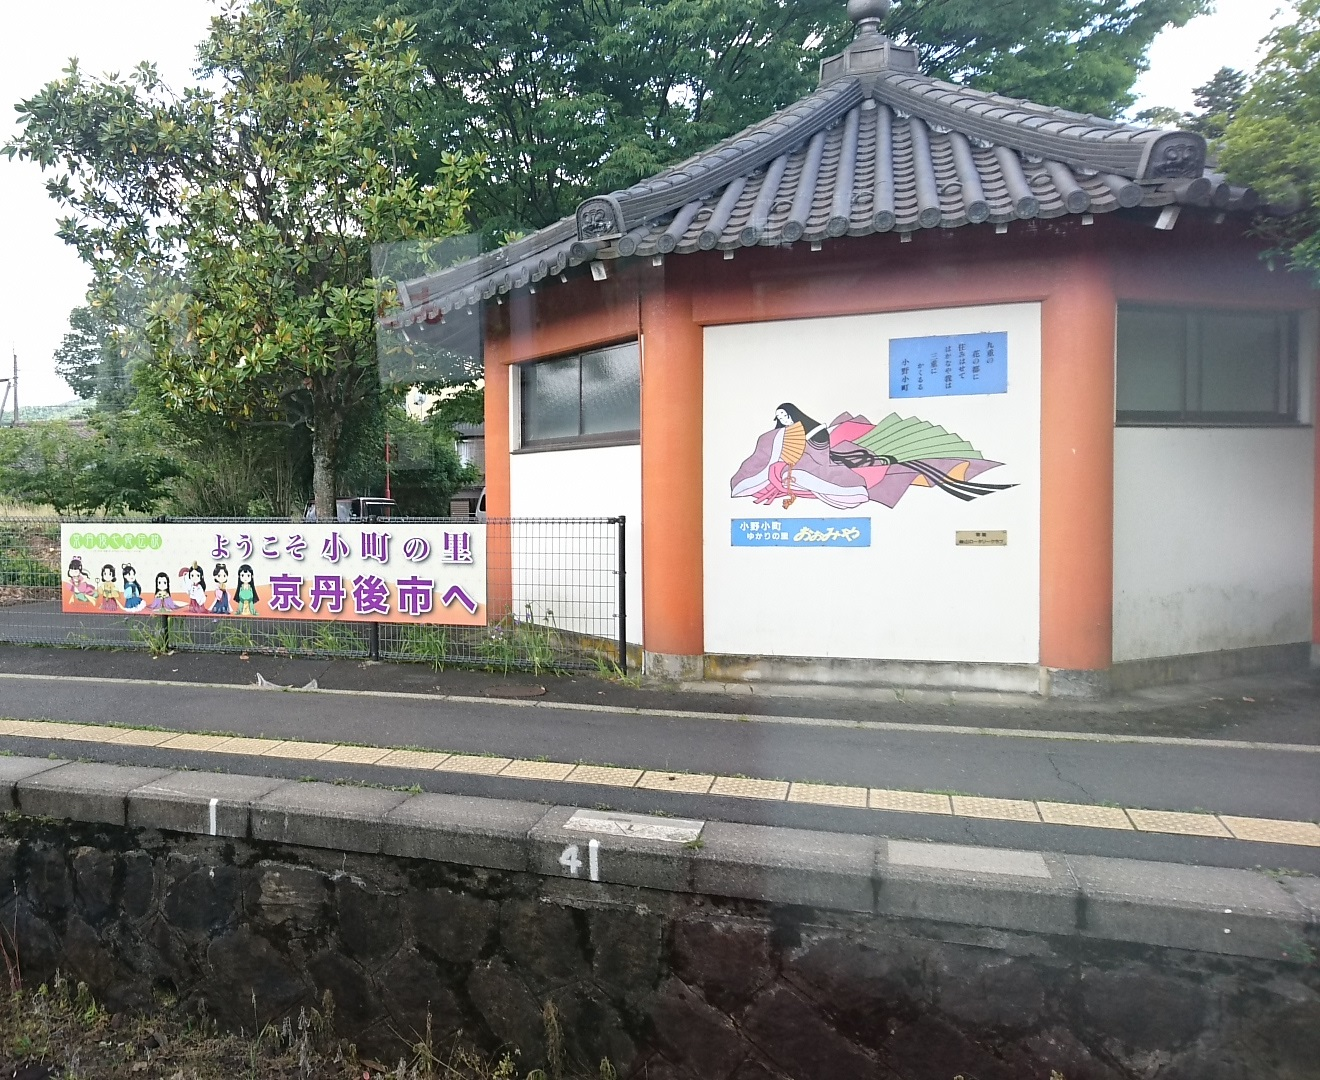 2017.6.4 天橋立 (36) 丹后のうみ(はしだて2号) - 京丹后大宮 1320-1080